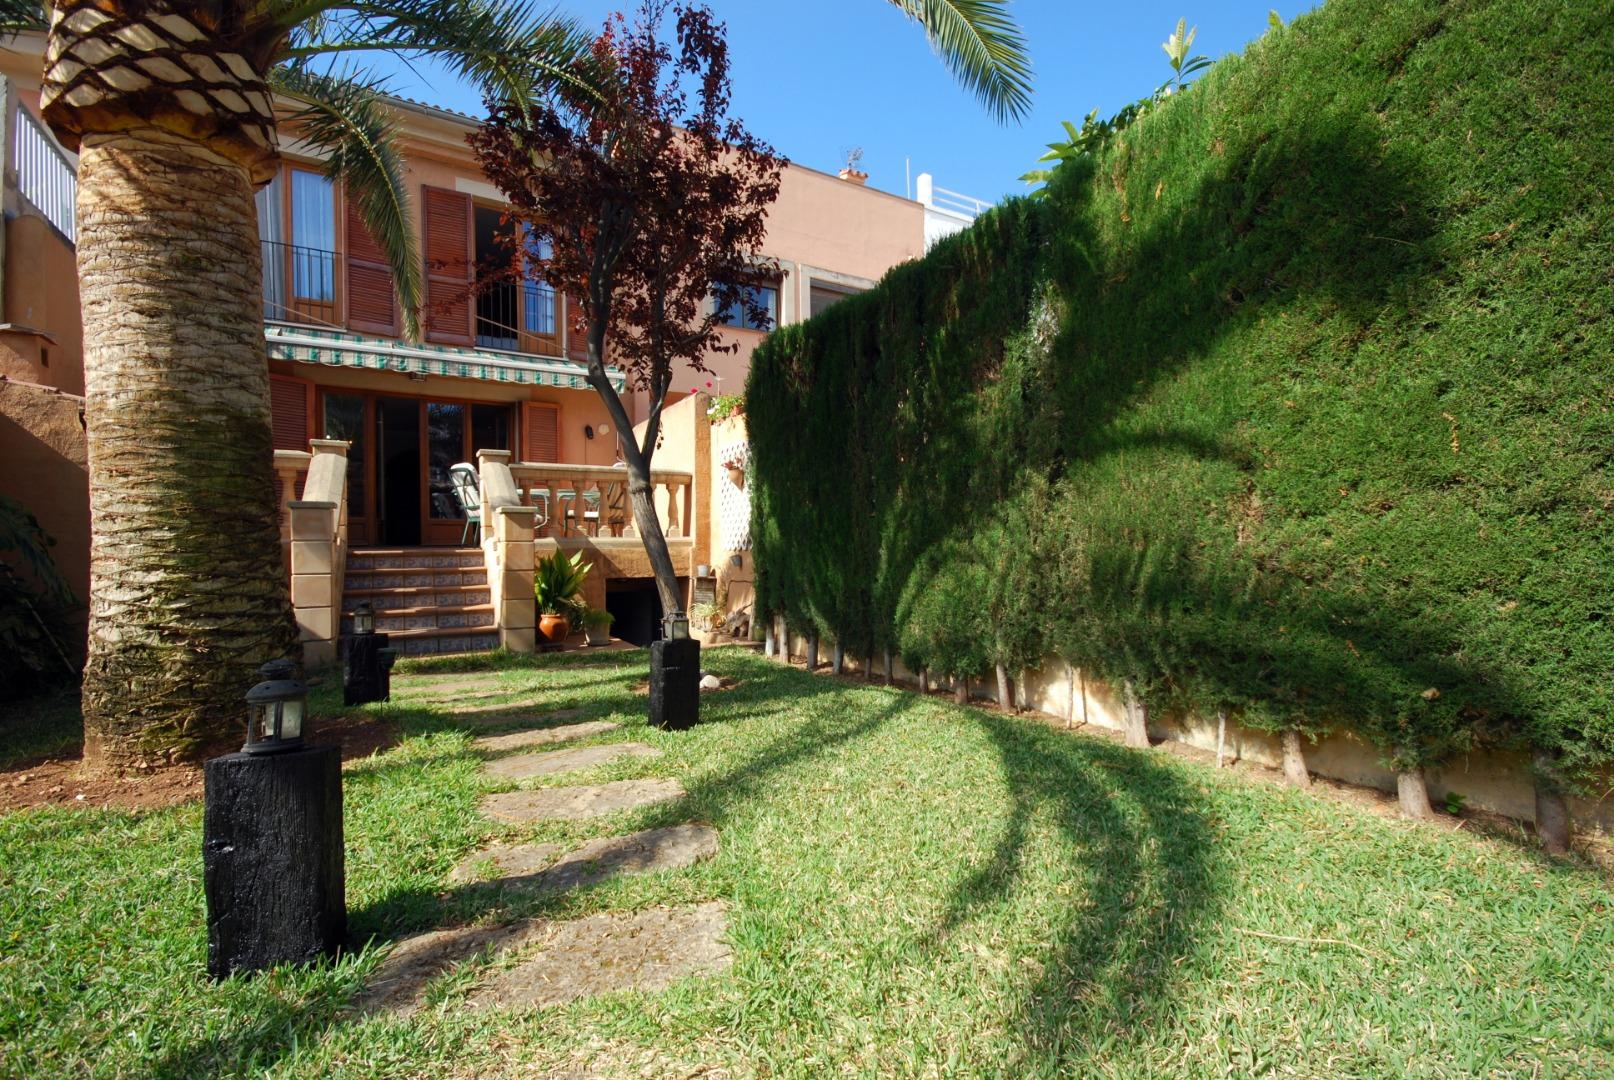 Chalet adosado con jardín , en la zona residencial del Amanecer en Palma